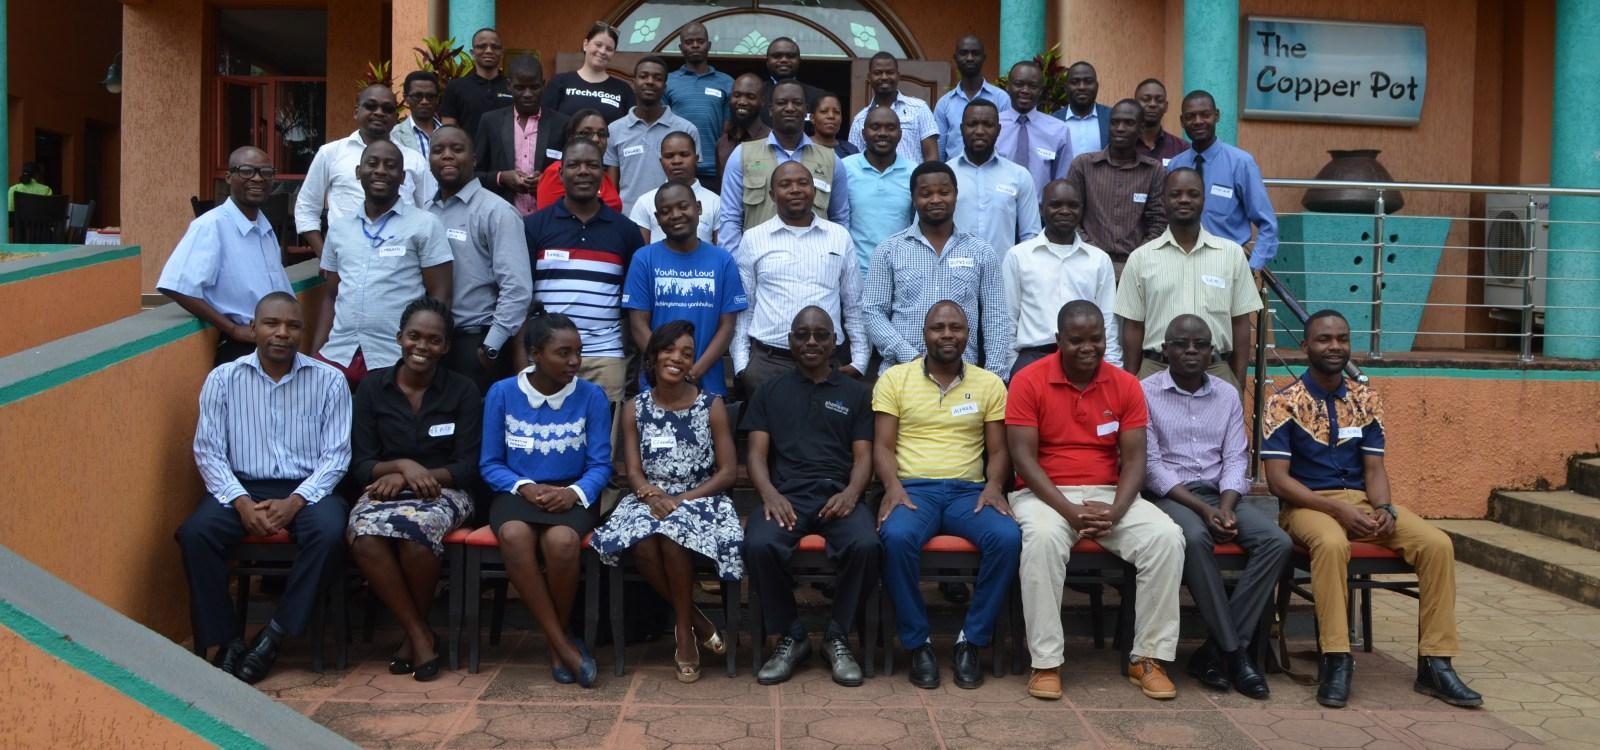 Tech4good Malawi